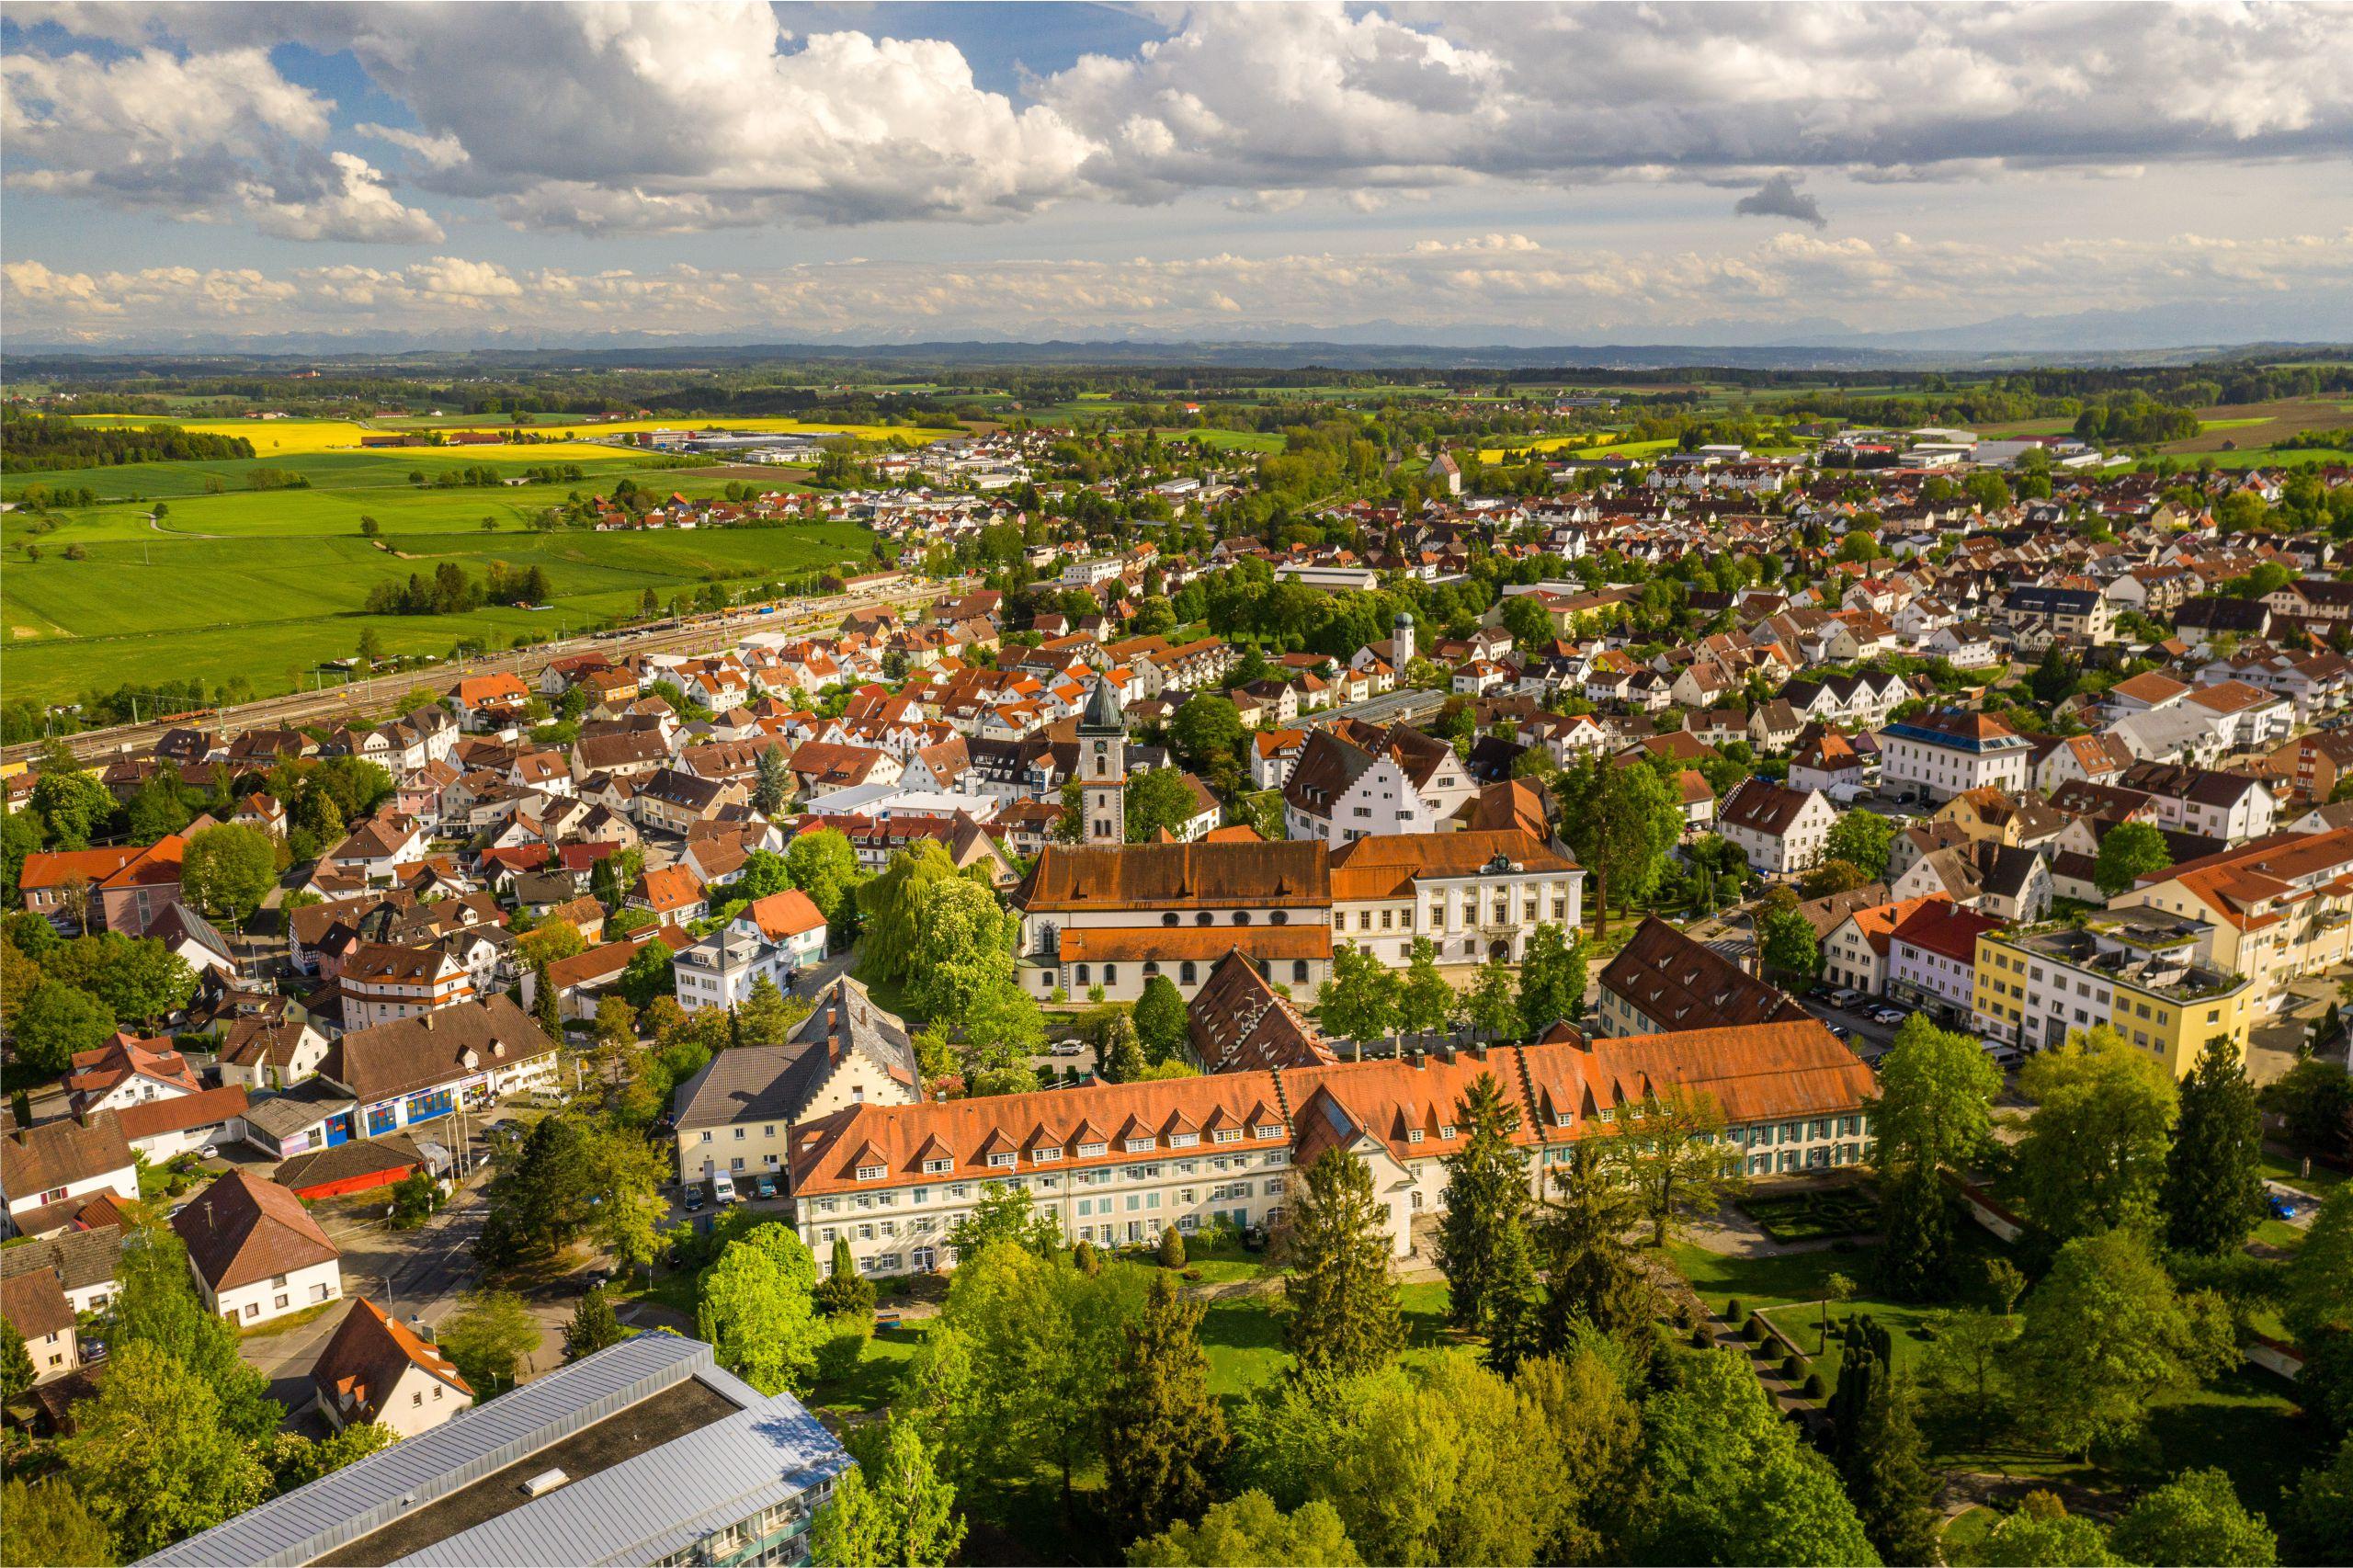 Über den Dächern von Aulendorf